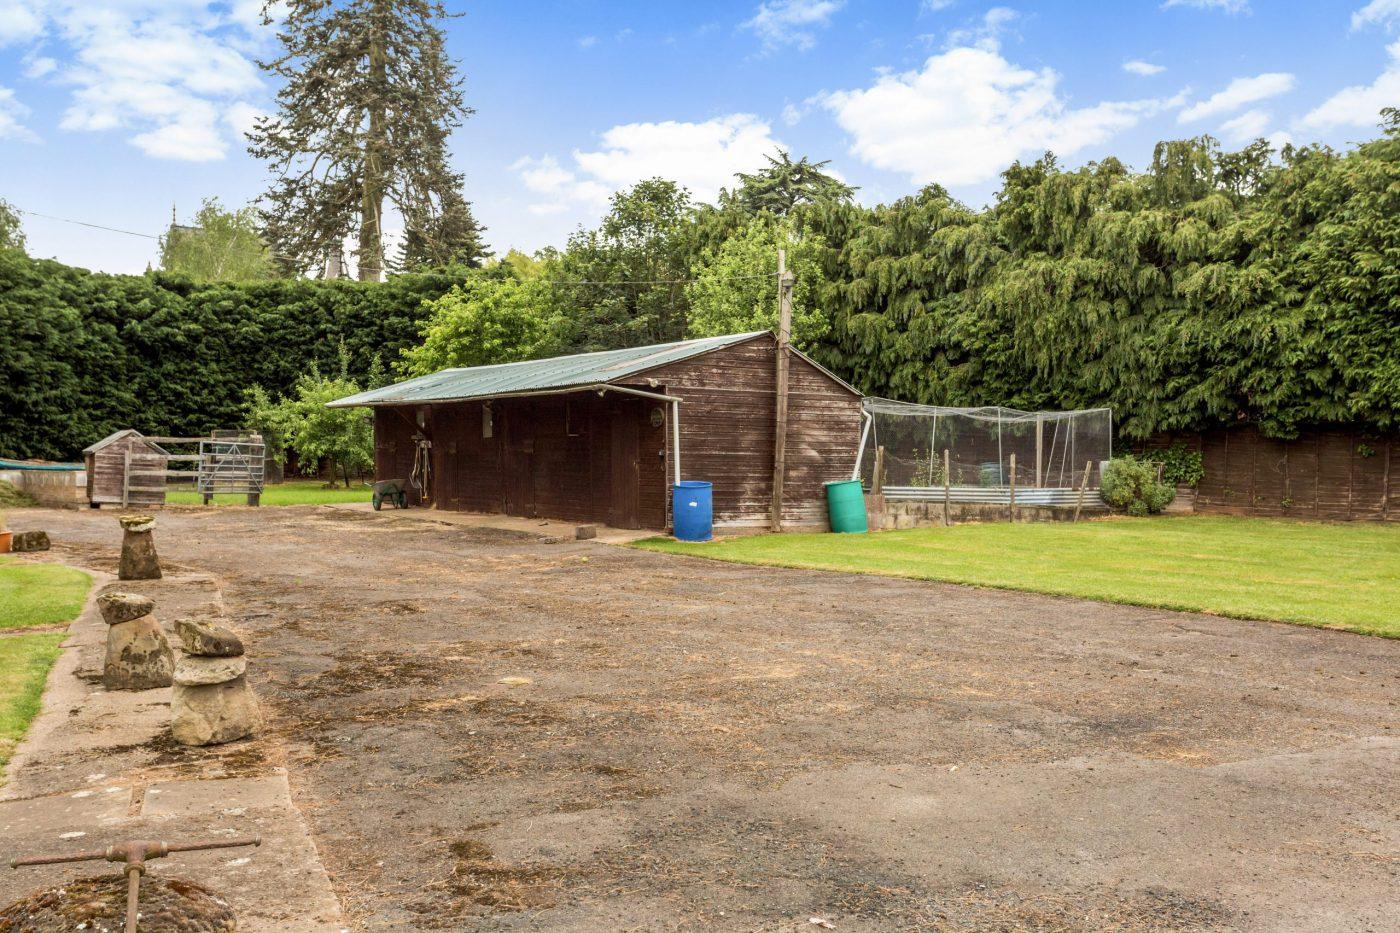 Você gostaria de se mudar para esta propriedade de cinco quartos com estábulos, nove hectares, piscina coberta e anexo? 2